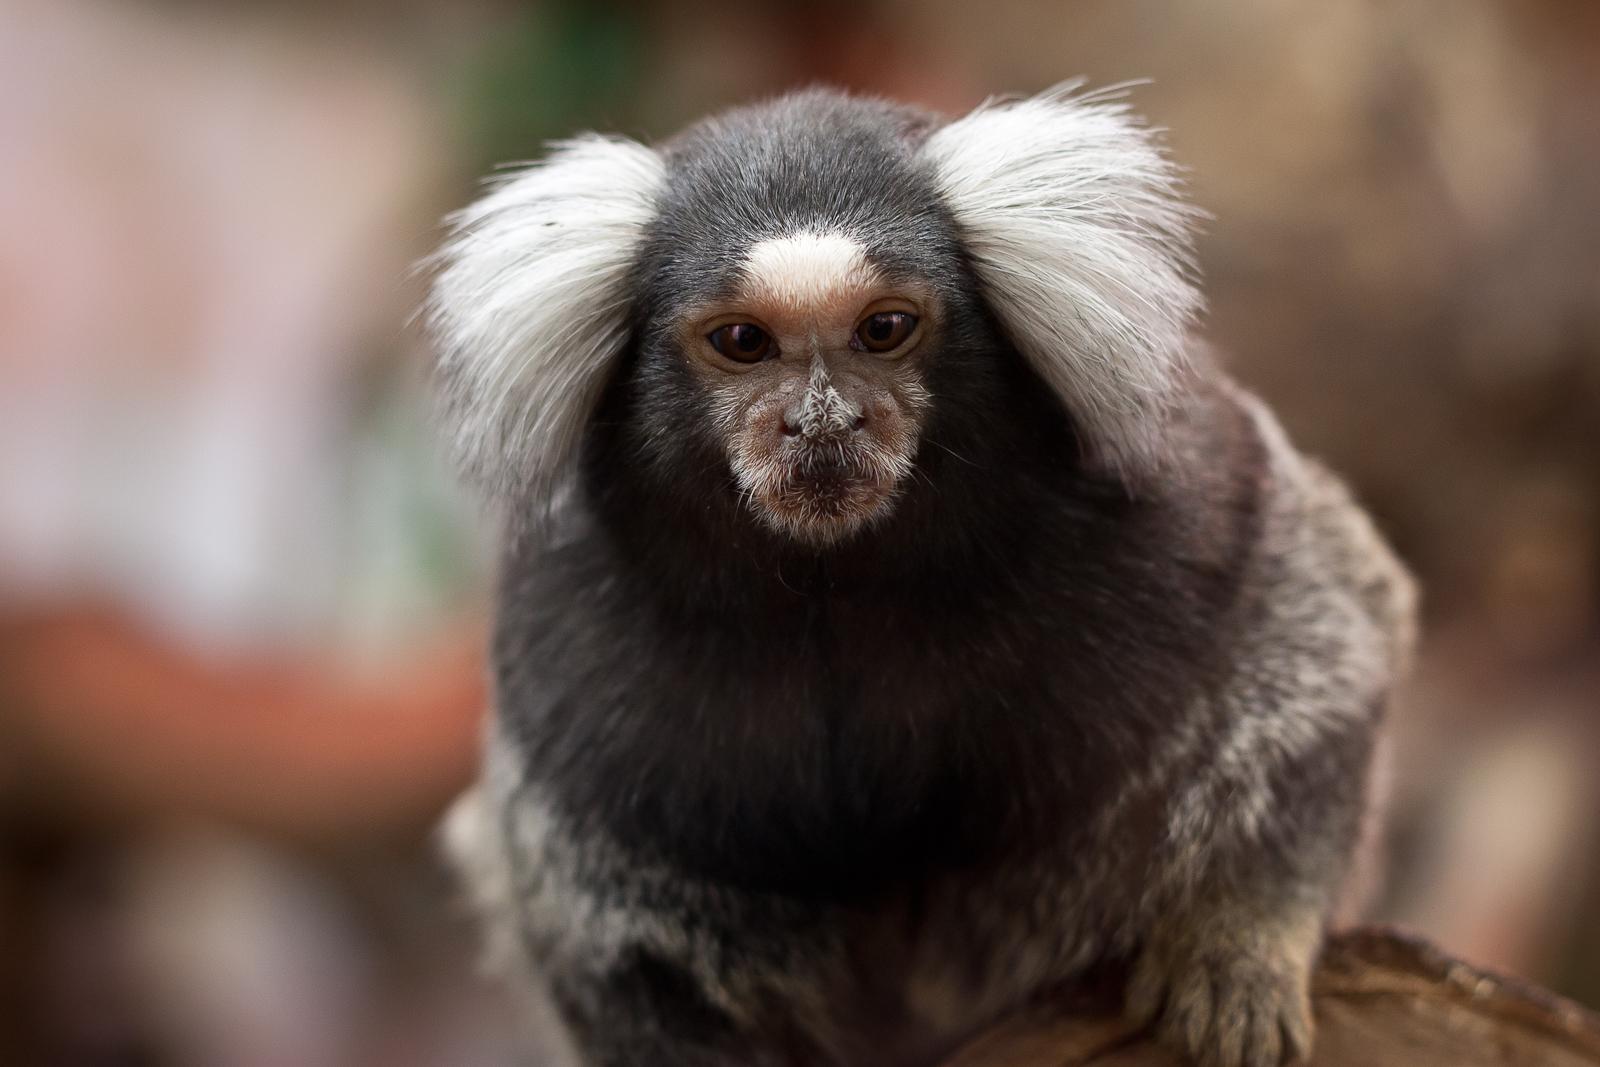 Los monos titíes respetan el turno de palabra durante las conversaciones